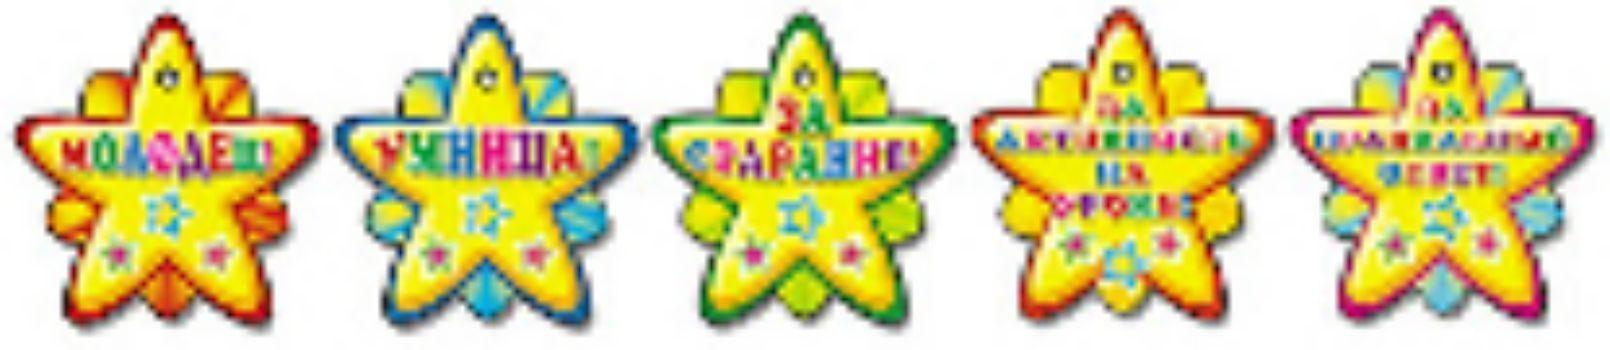 Комплект школьных поощрительных звездочекПоощрительные карточки, наклейки<br>В комплекте 20 поощрительных звездочек (5 видов по 4 штуки).<br><br>Год: 2013<br>Высота: 80<br>Ширина: 80<br>Толщина: 5